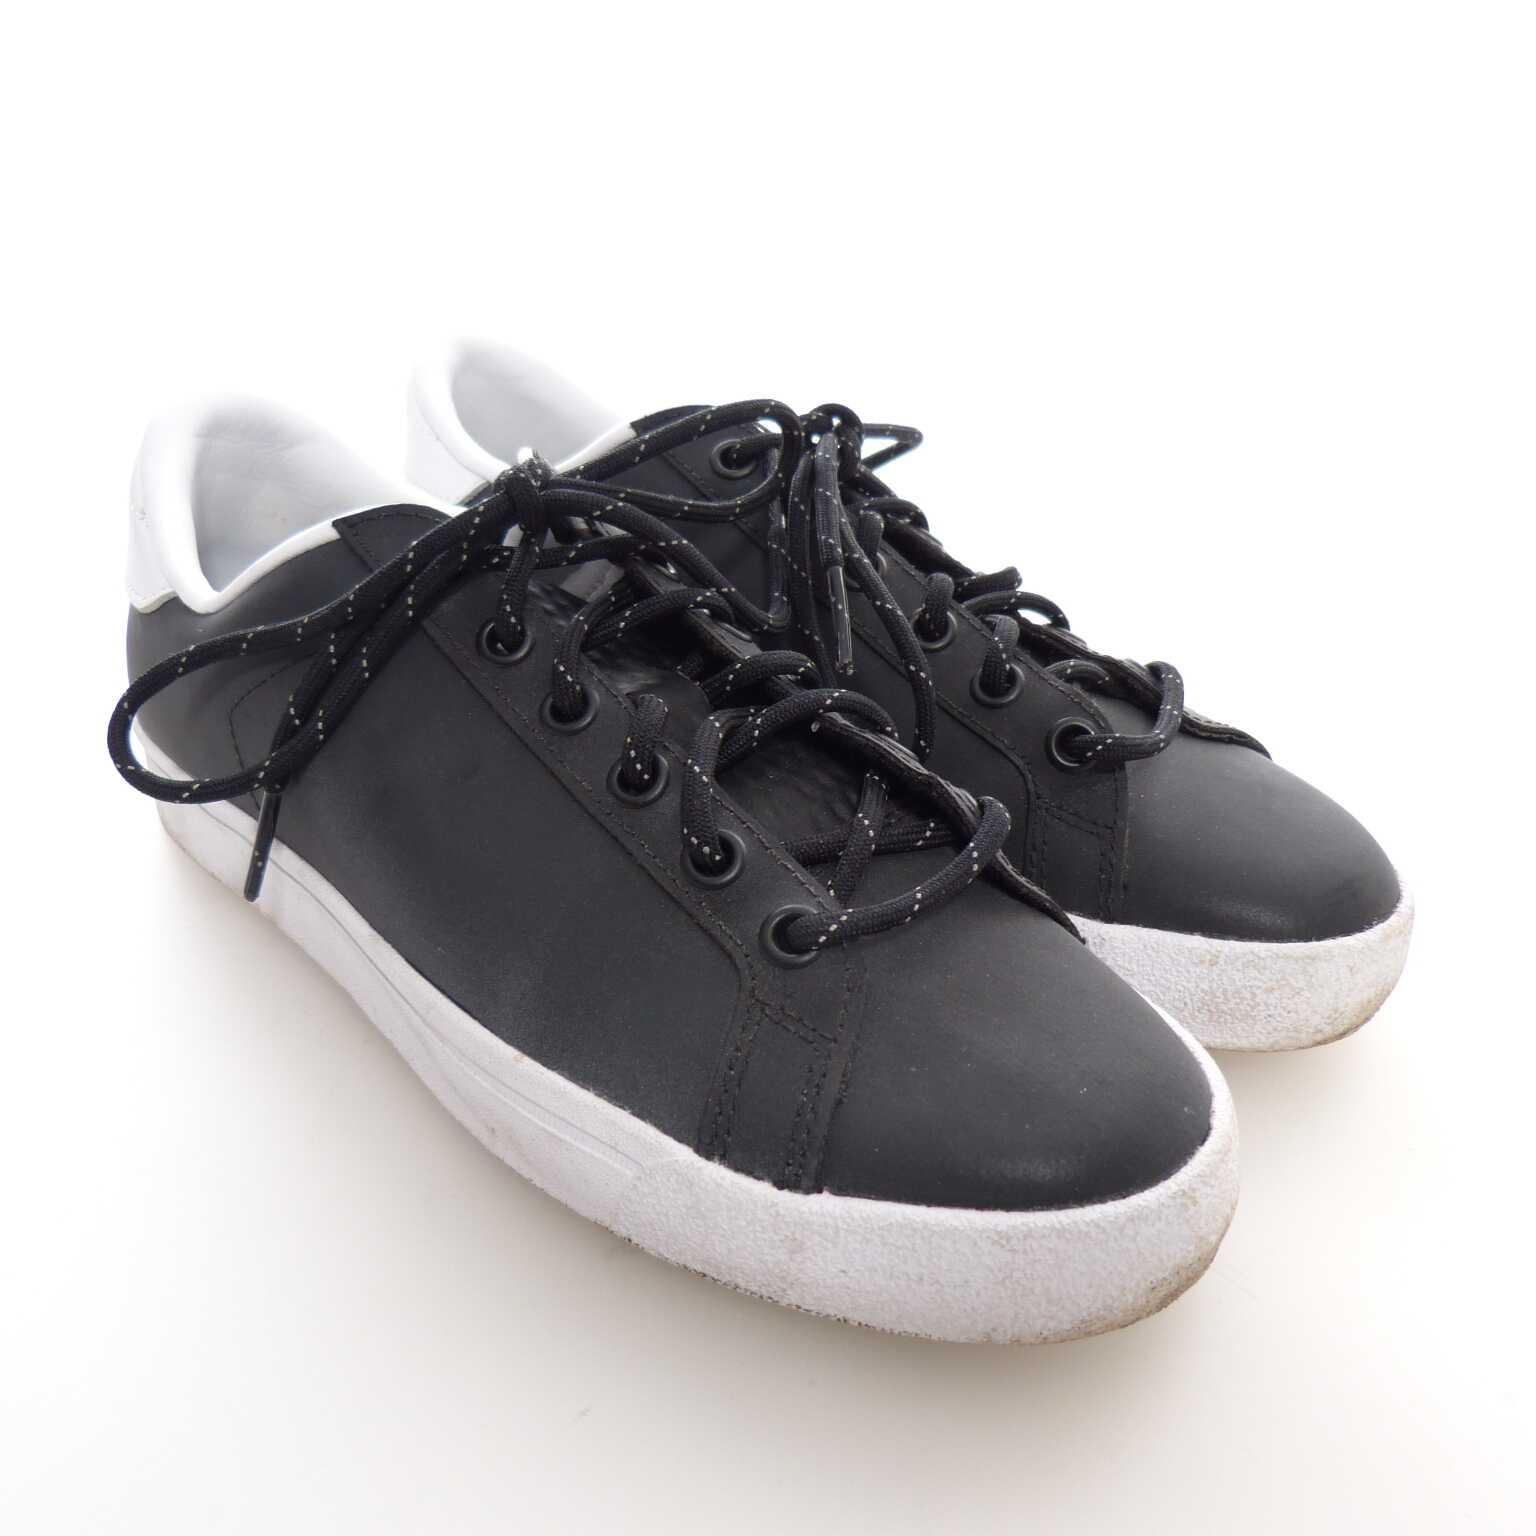 3c539bdc383c8a Adidas Sneaker Schnür Schuhe Gr. 38 Schwarz Weiß (AHB) Men Schuhe ...